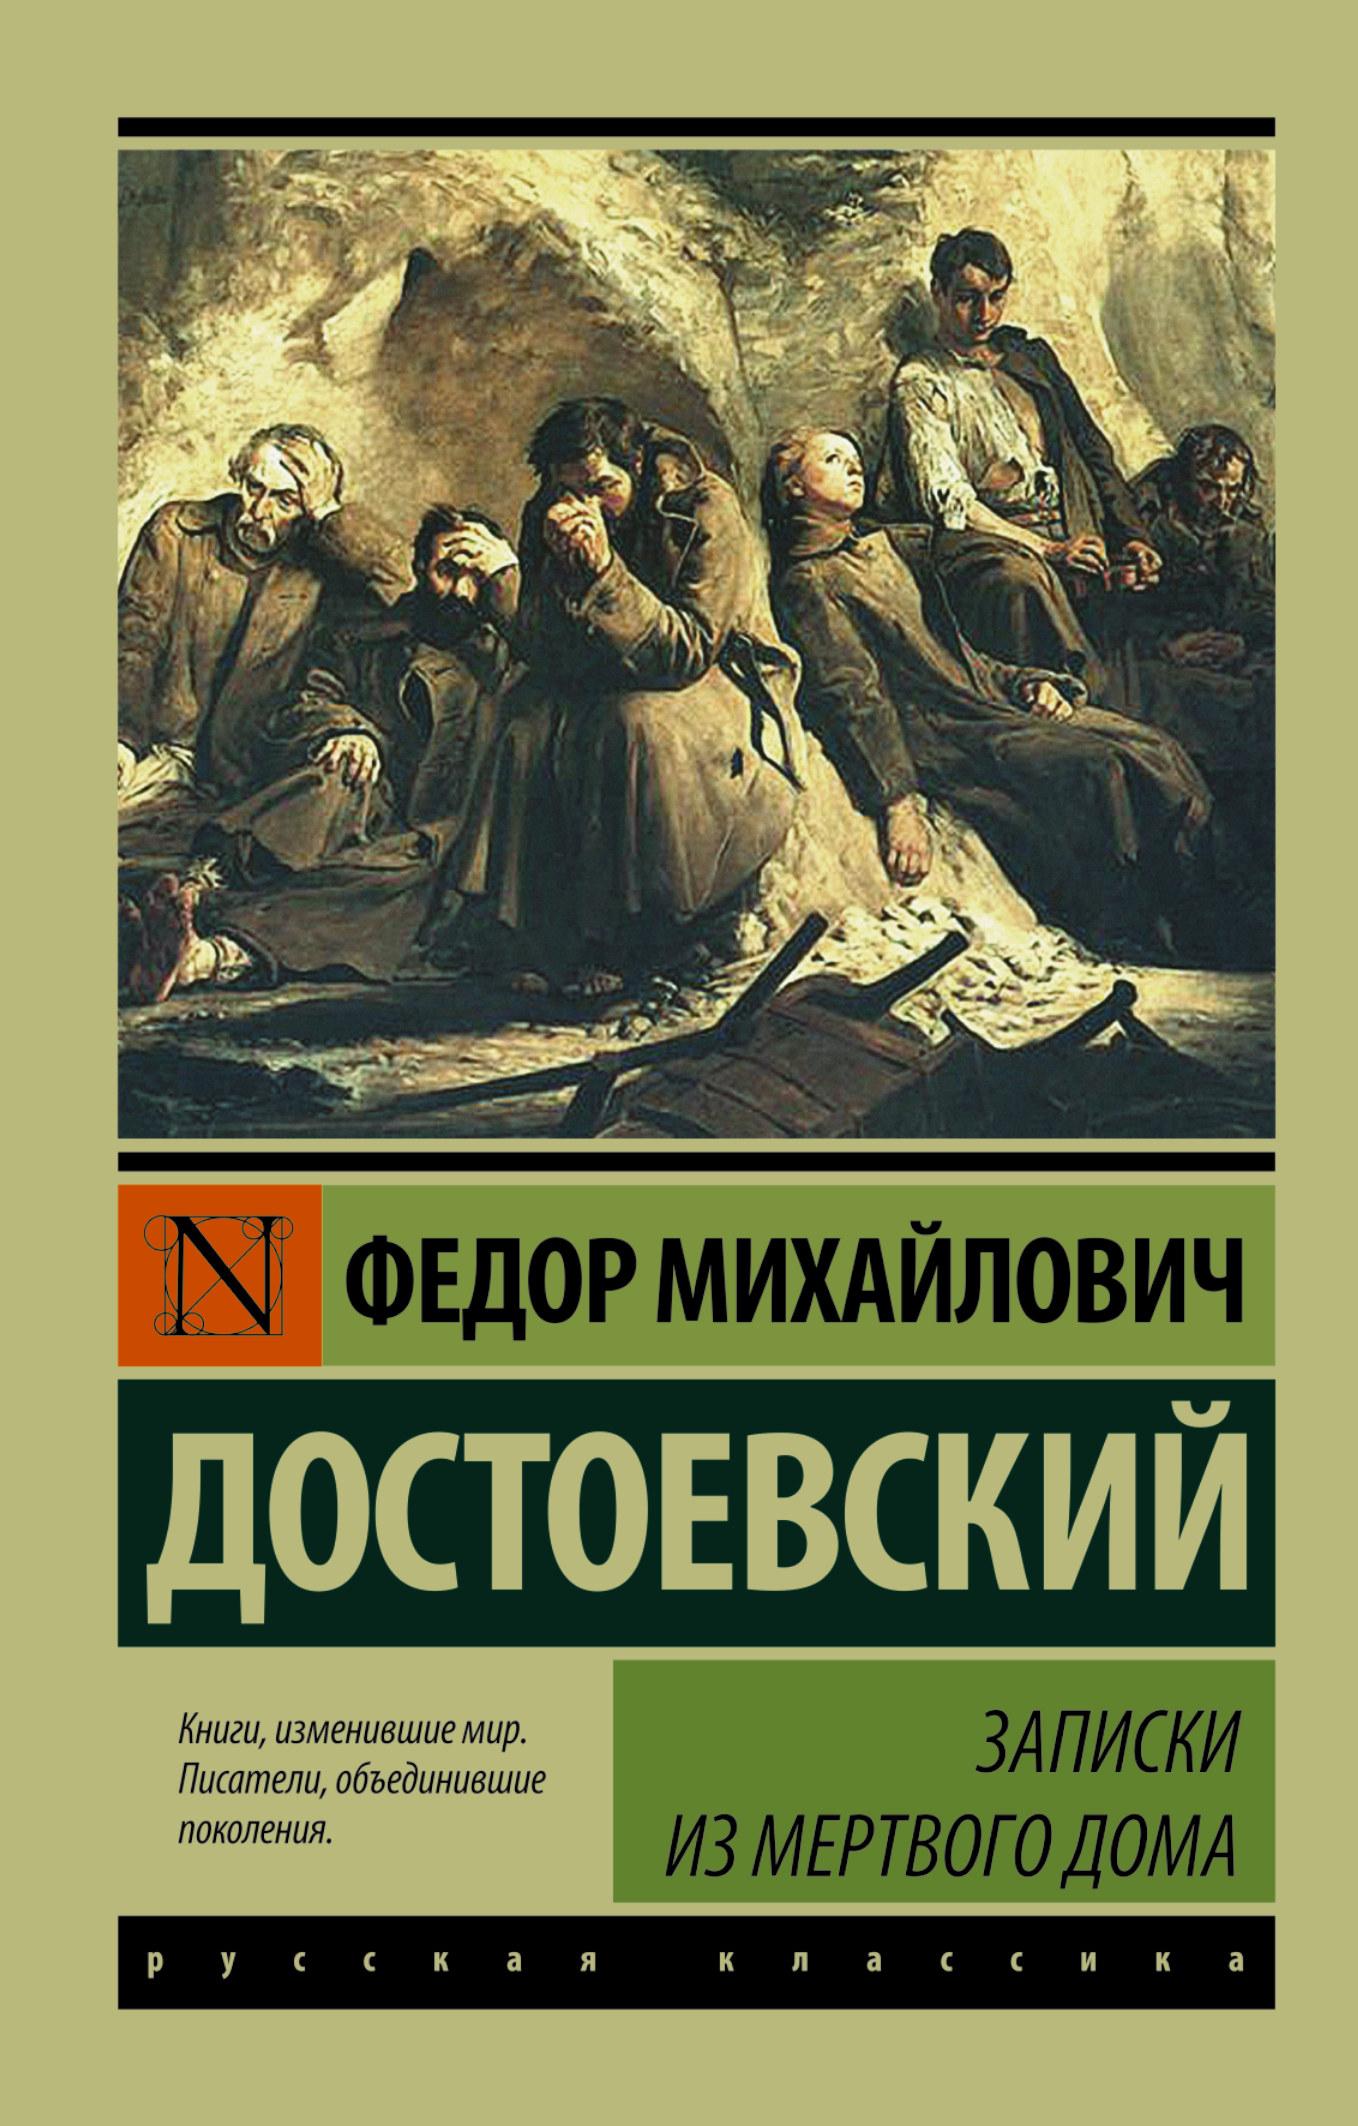 Купить Записки из Мертвого дома, Федор Достоевский, 978-5-17-099711-4